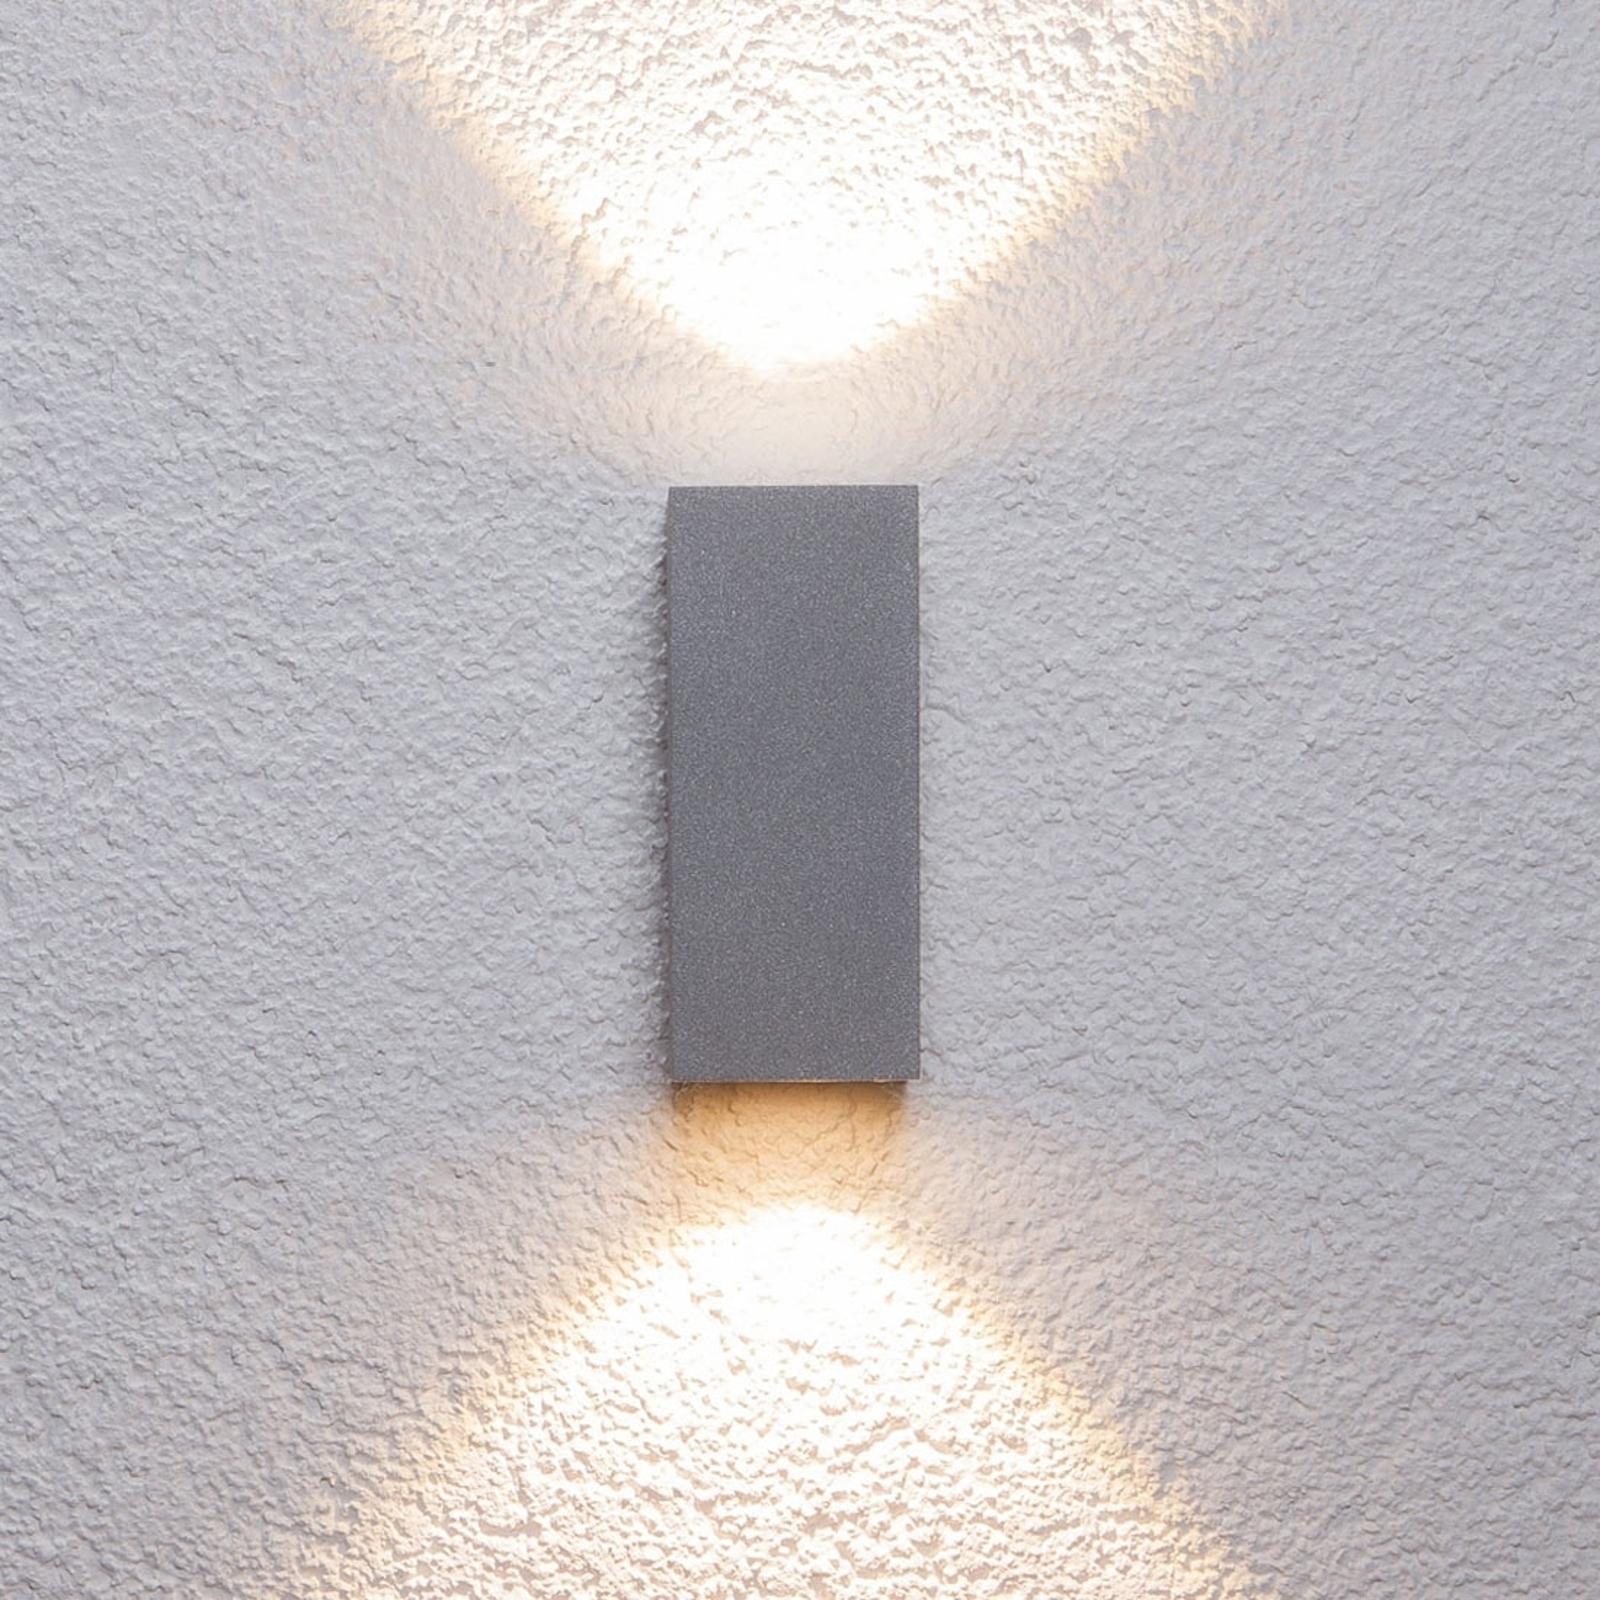 Sølvfarvet udendørs væglampe Tavi m. Bridgelux LED